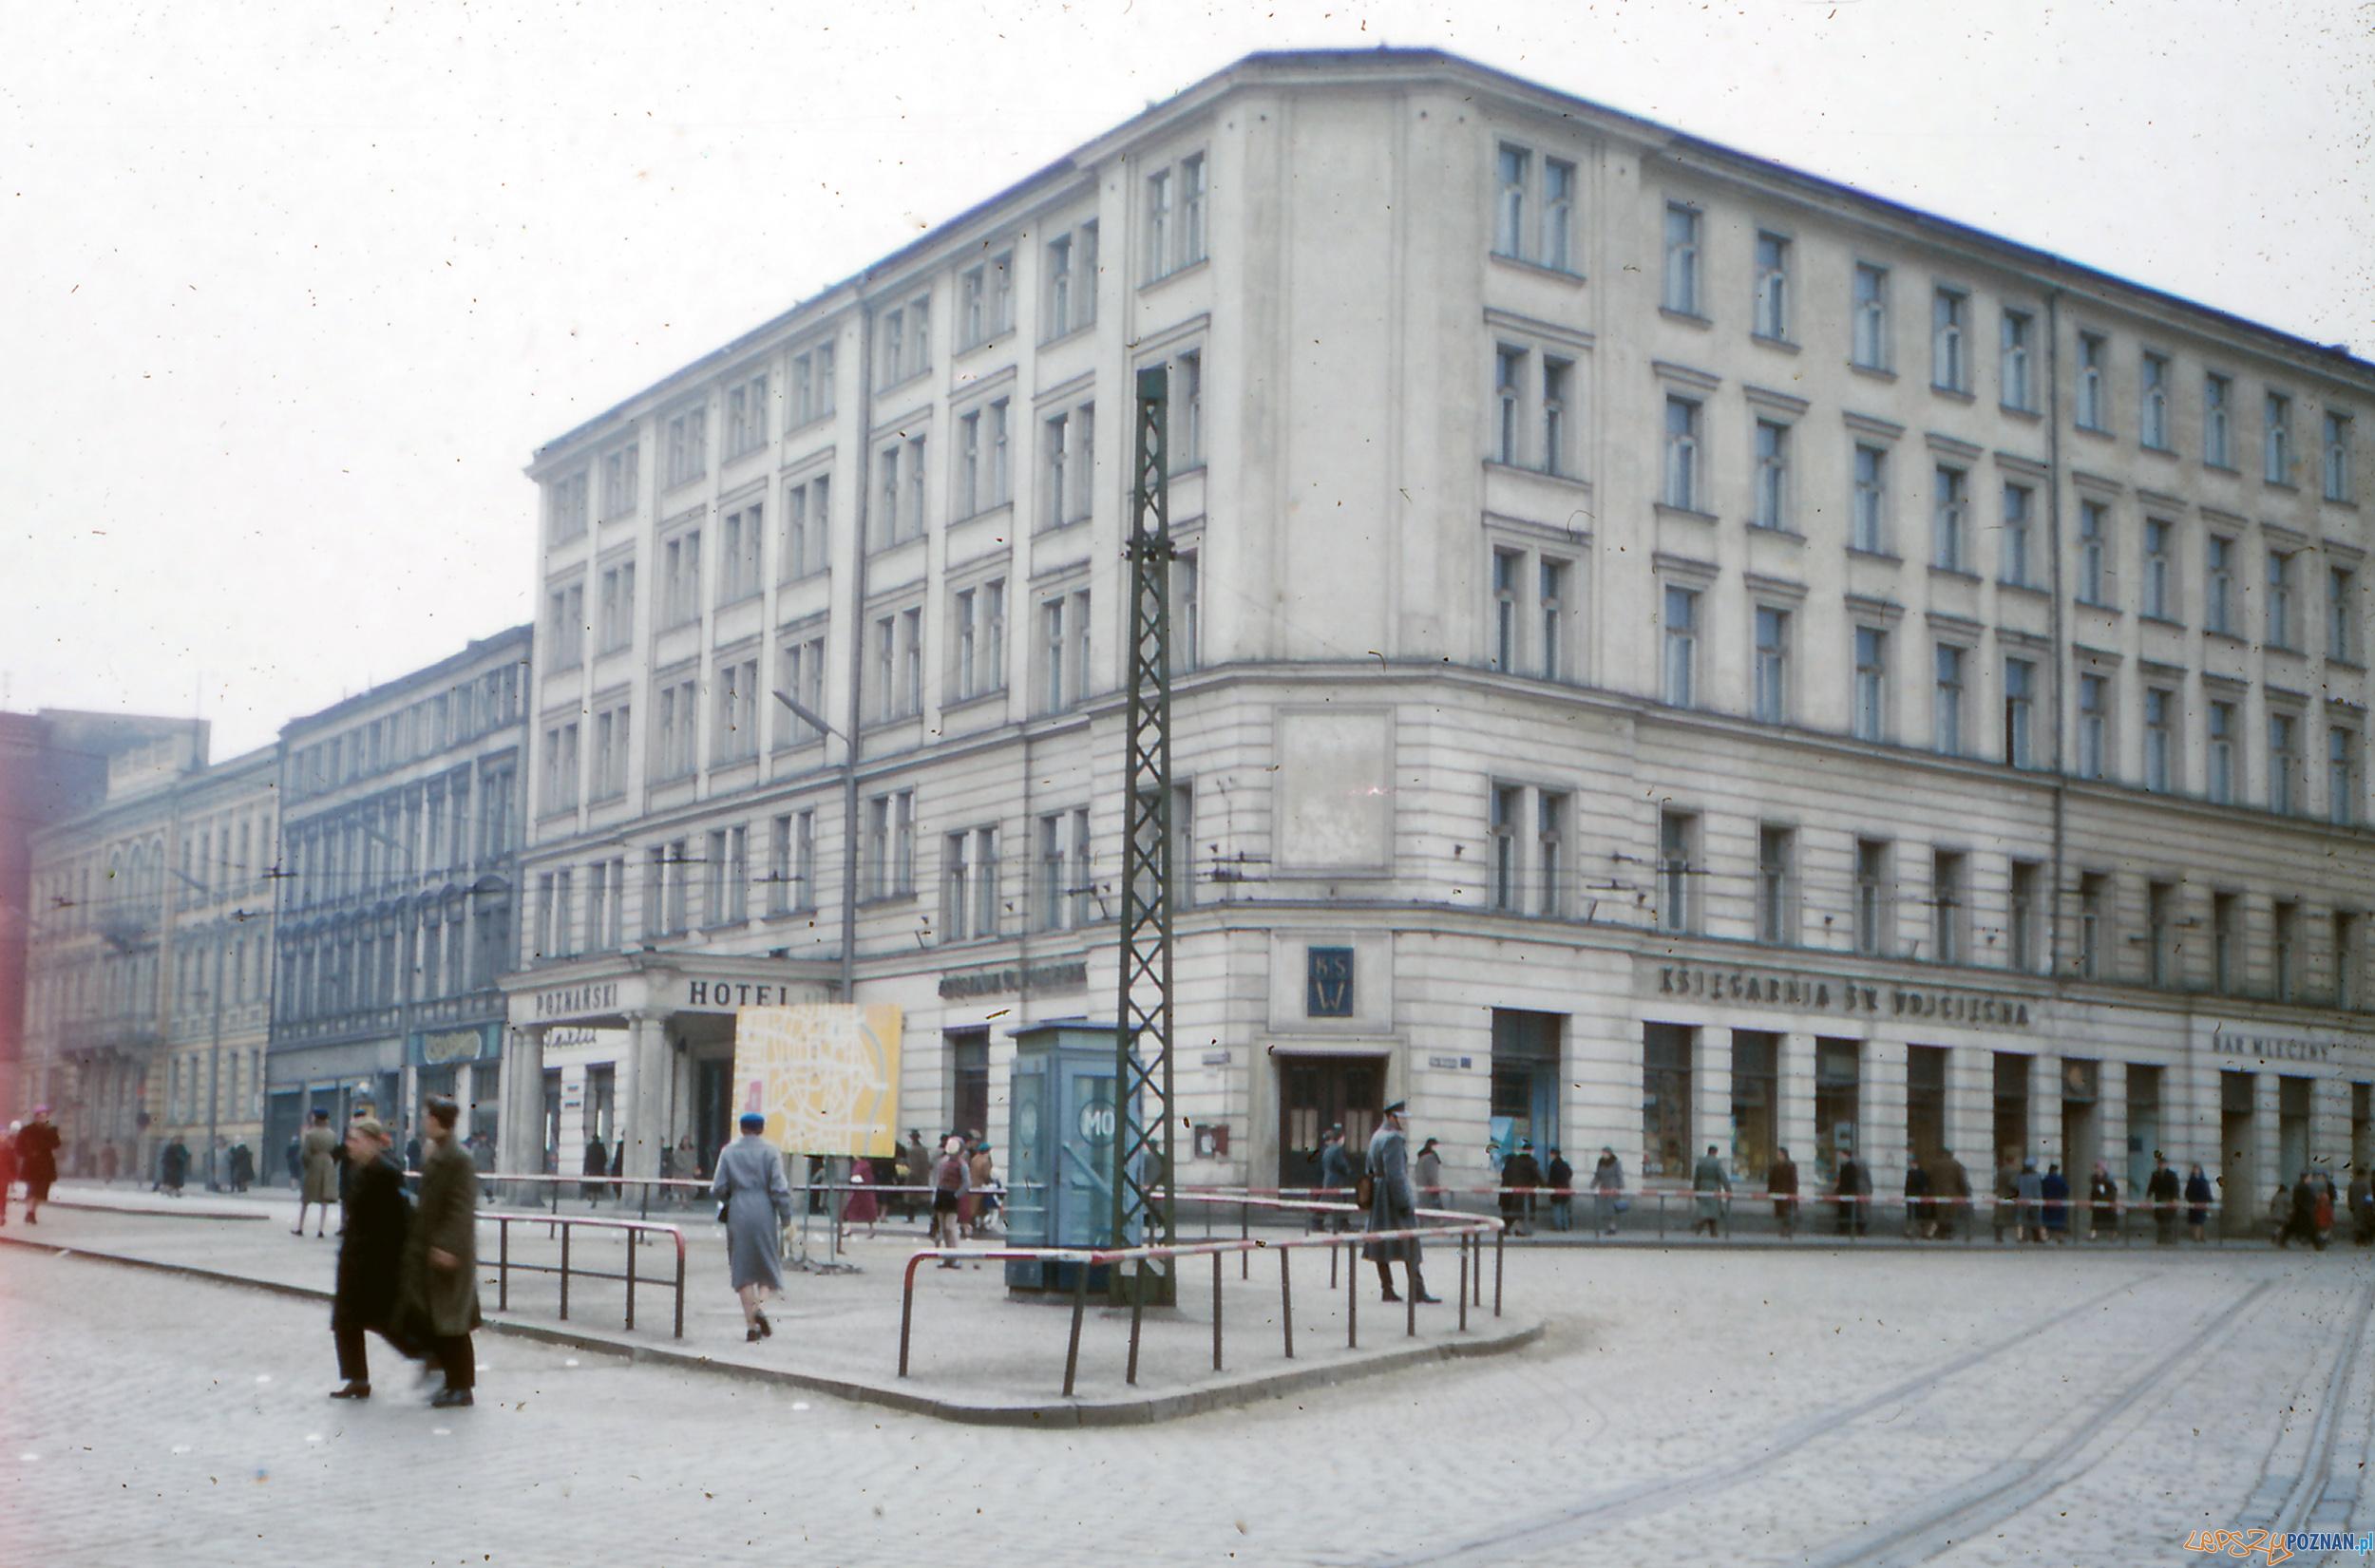 Hotel Rzymski, Aleje Marcinkowskiego - koniec lat 50-tych  Foto: Mogens Tørsleff, kolekcja Gorma Rudschinata / Flickr / CC